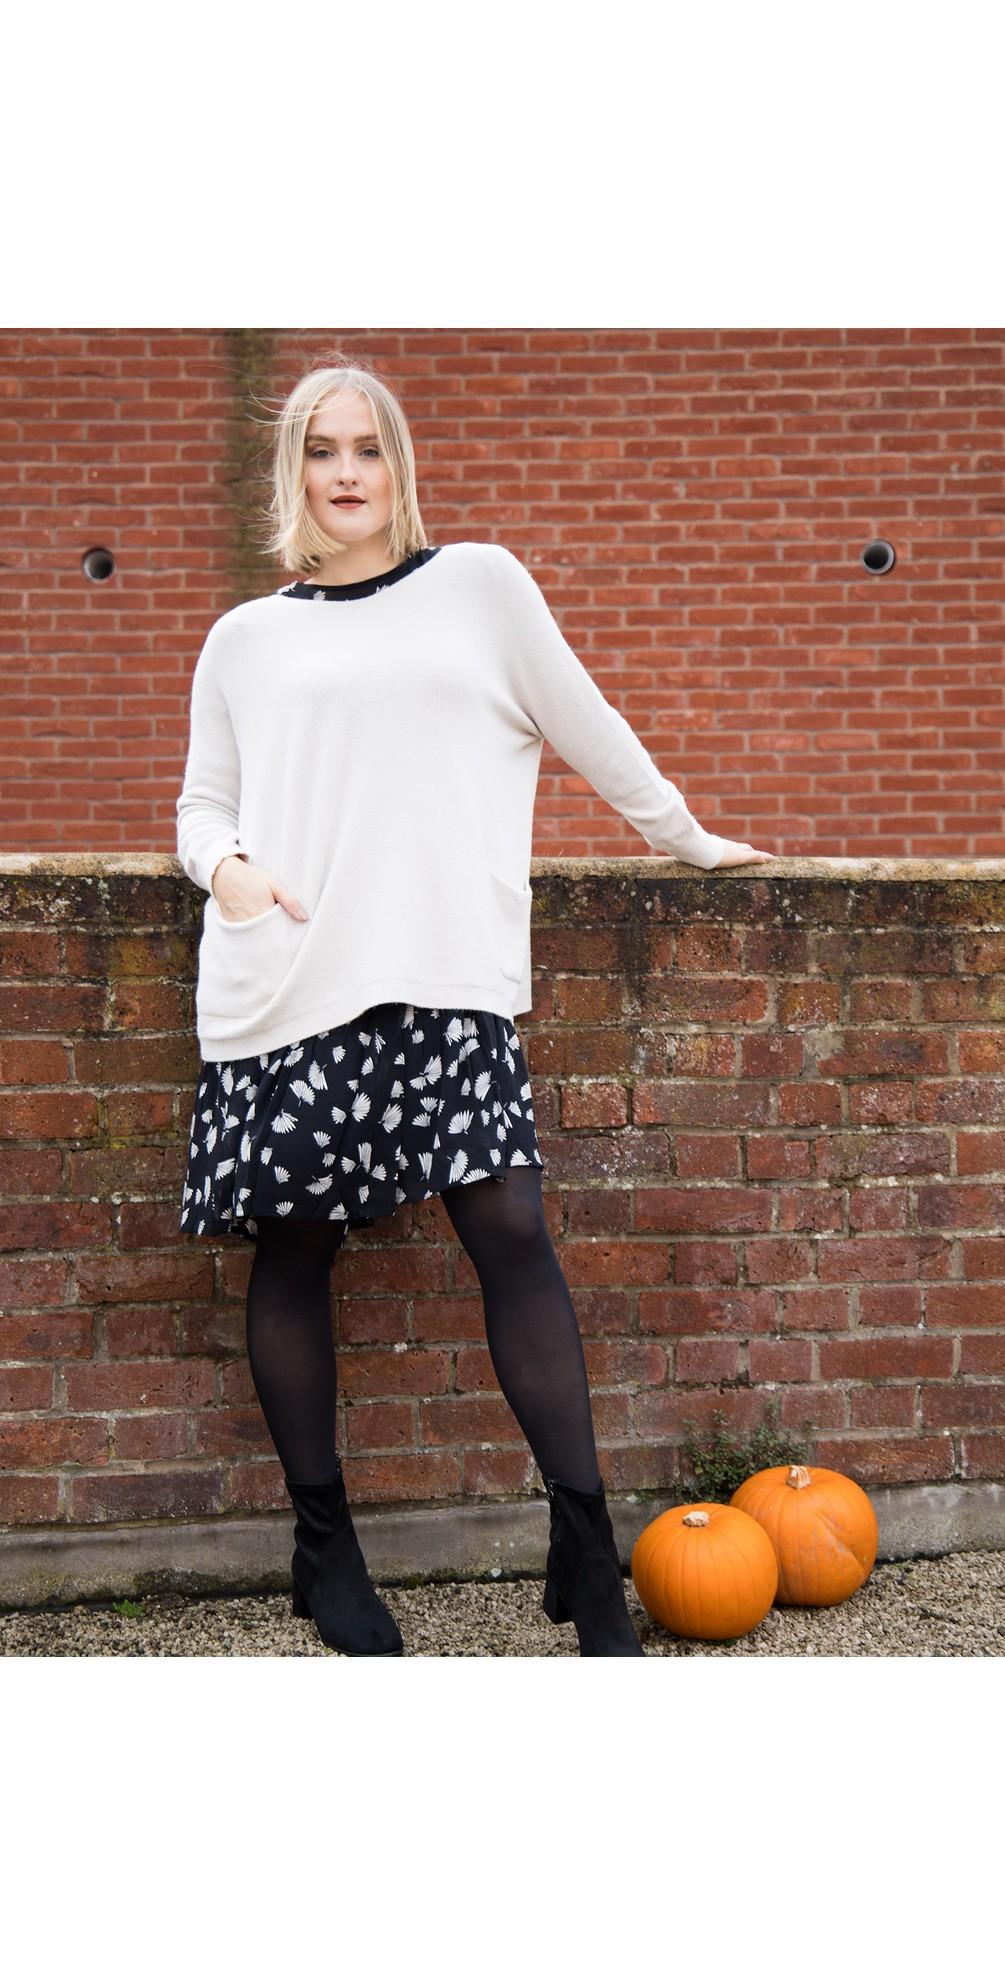 Carys Sweater Ivory - Amazing Woman